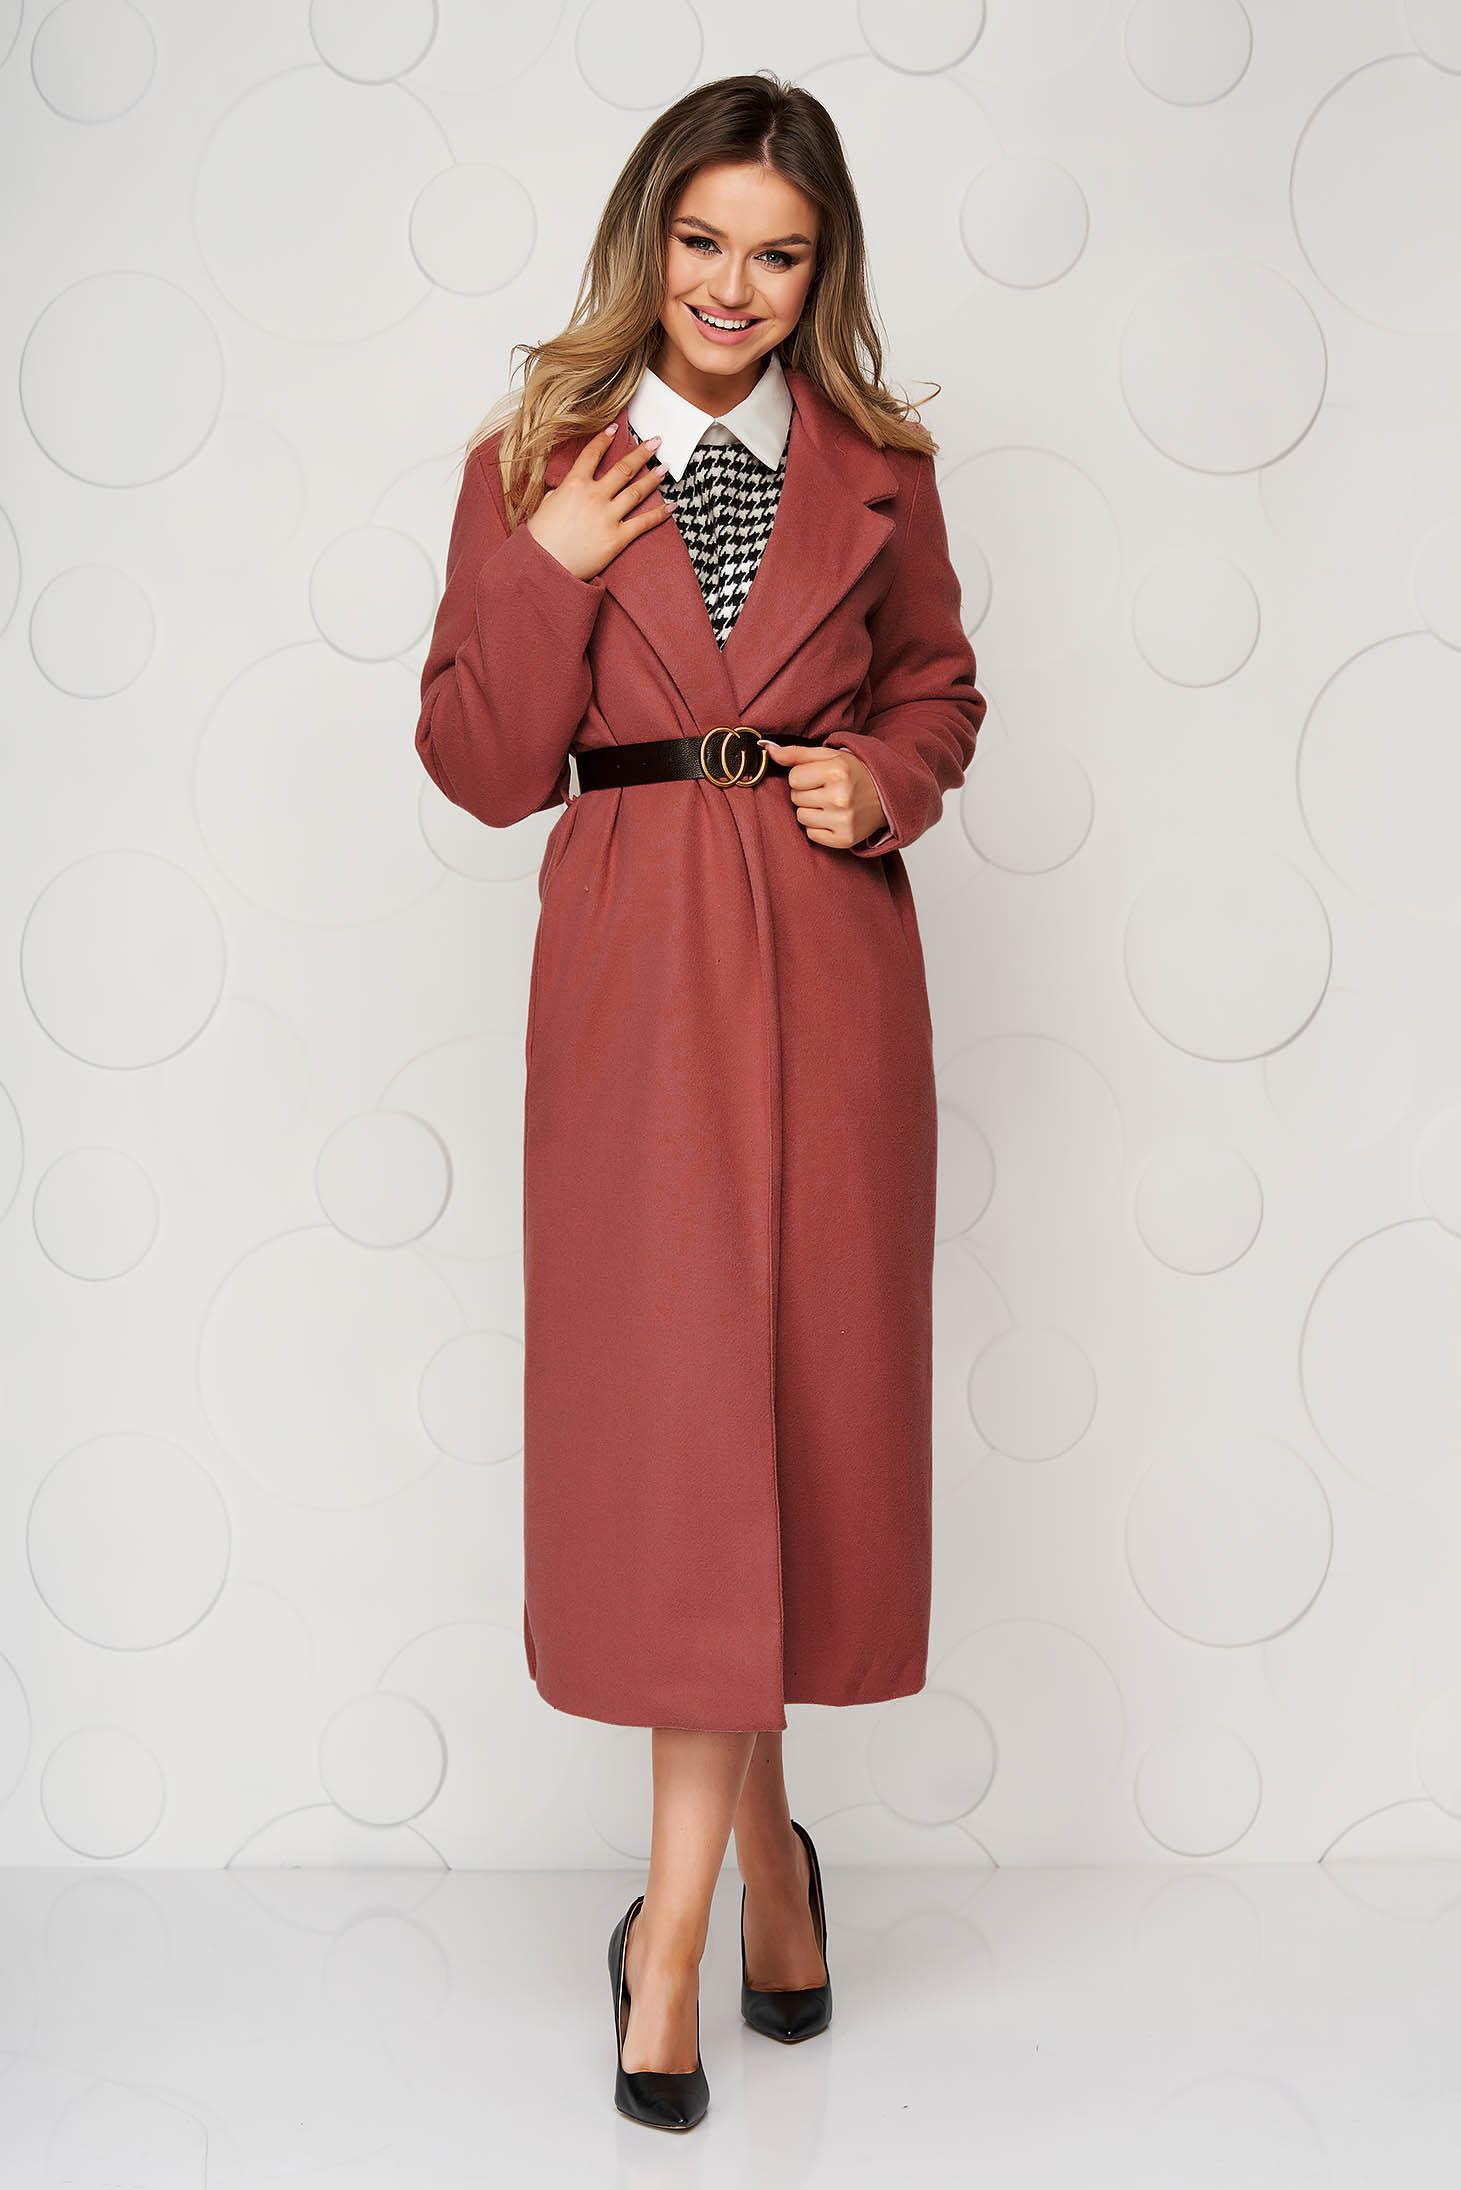 Téglaszínű hosszú egyenes casual kabát öv típusú kiegészítővel